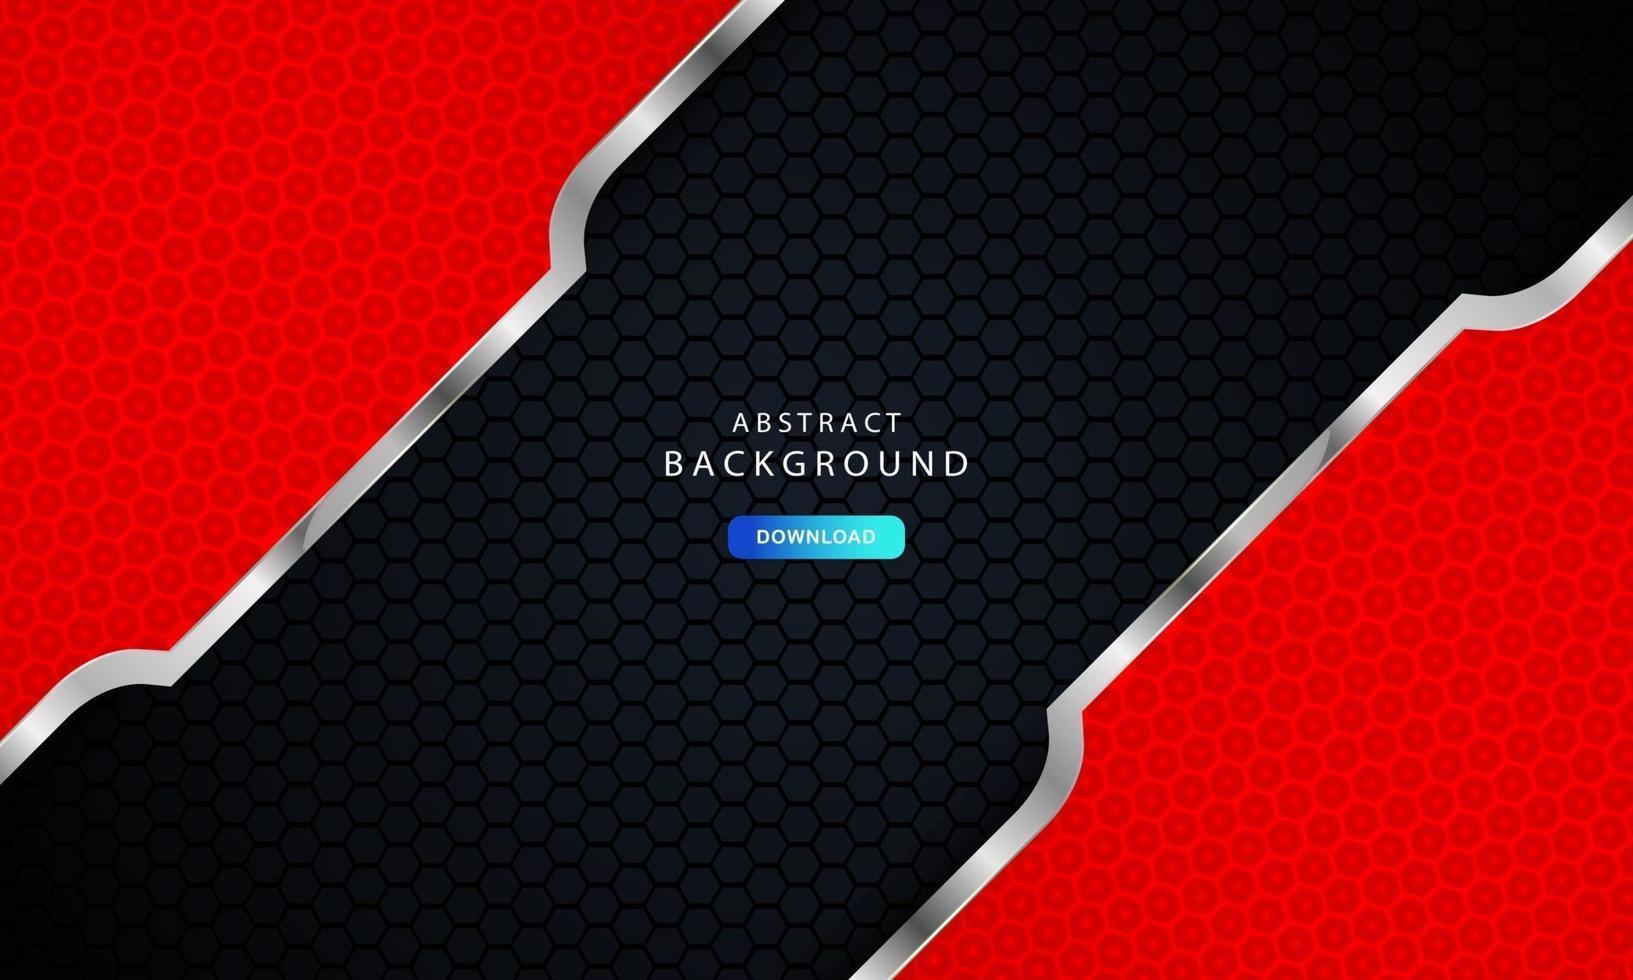 dunkelschwarzer Sechseckhintergrund mit roter und silberner Listendekoration. vektor